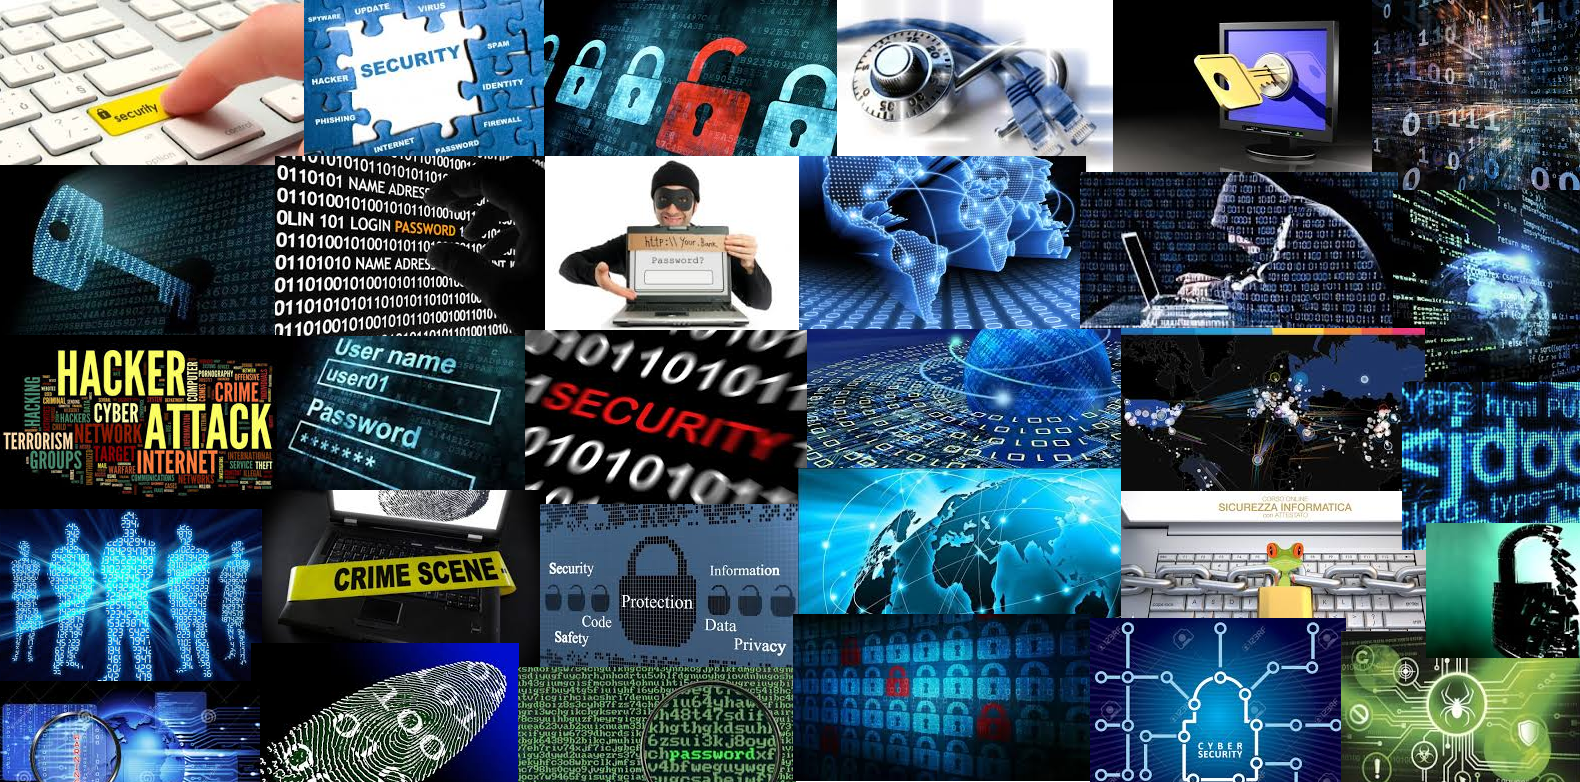 Logo sicurezza internet